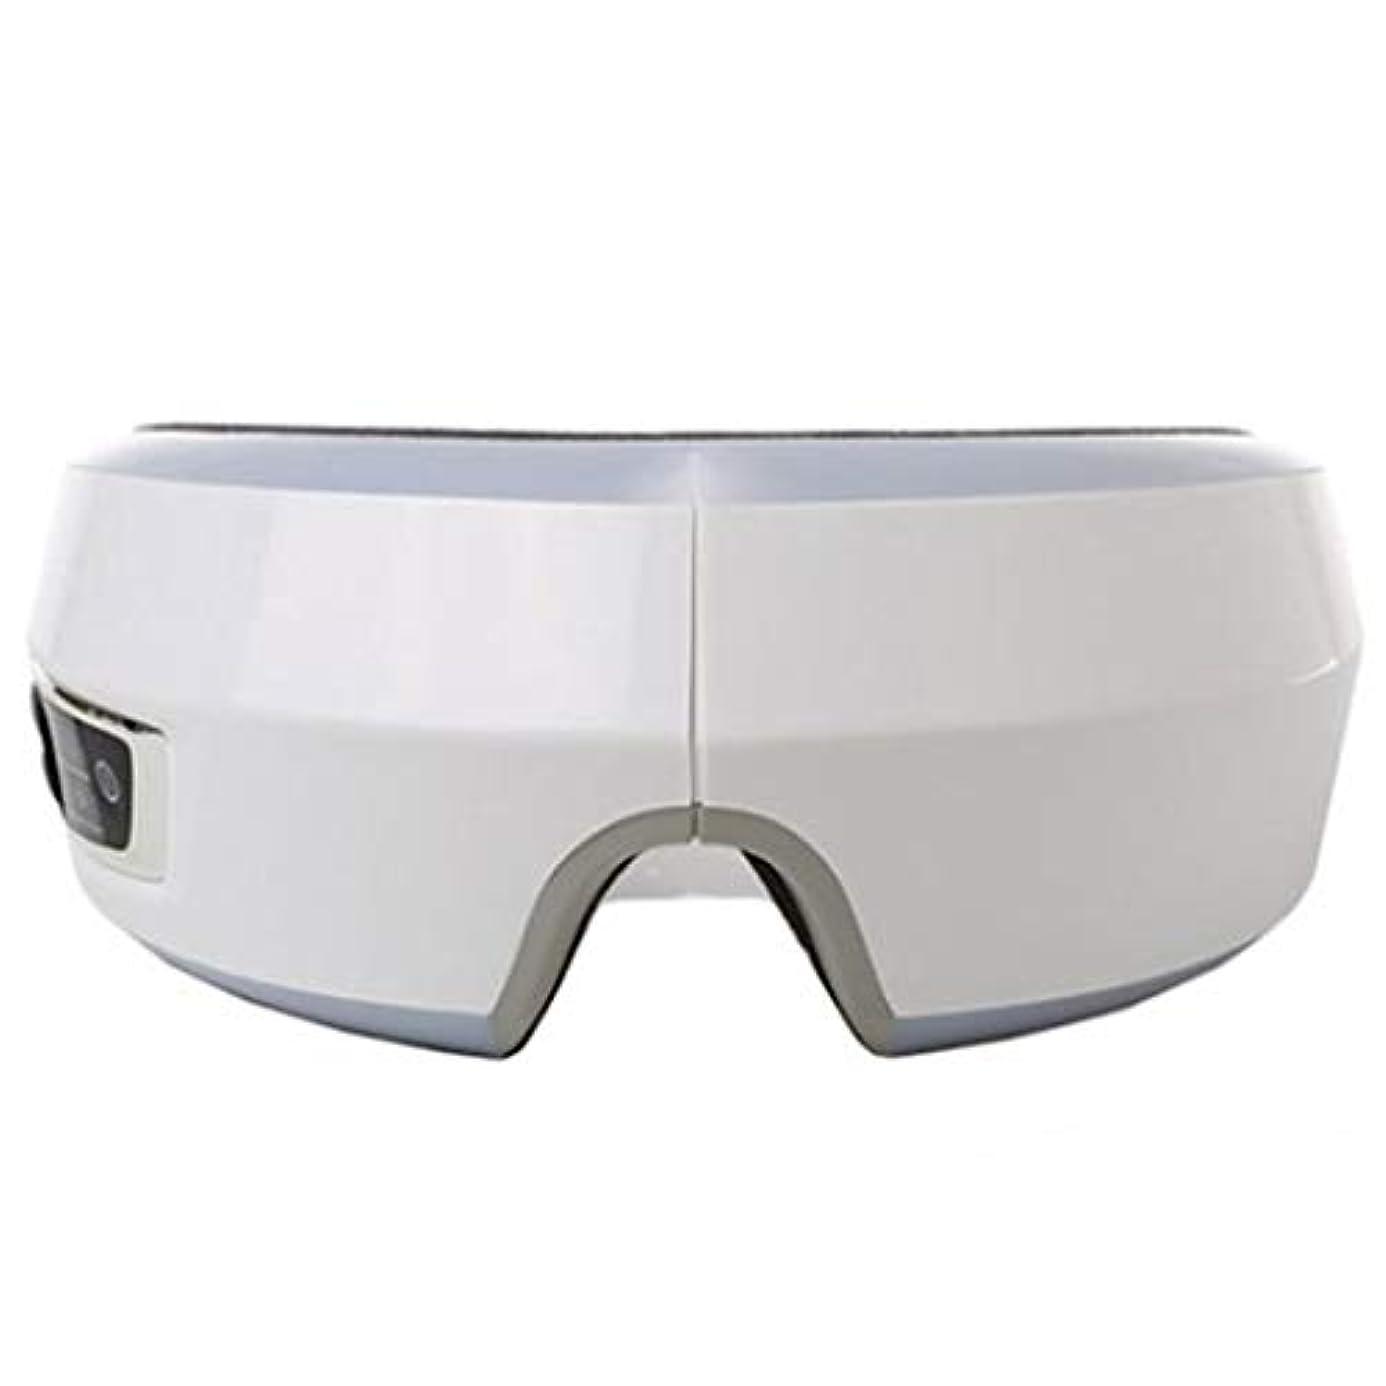 作曲するメドレー系統的ZESPAアイヒーリングソリューションアイマッサージャー振動加熱マッサージ音楽機能ZP441 ZESPA Eye Healing Solution Eye Massager Vibration Heating Massage...